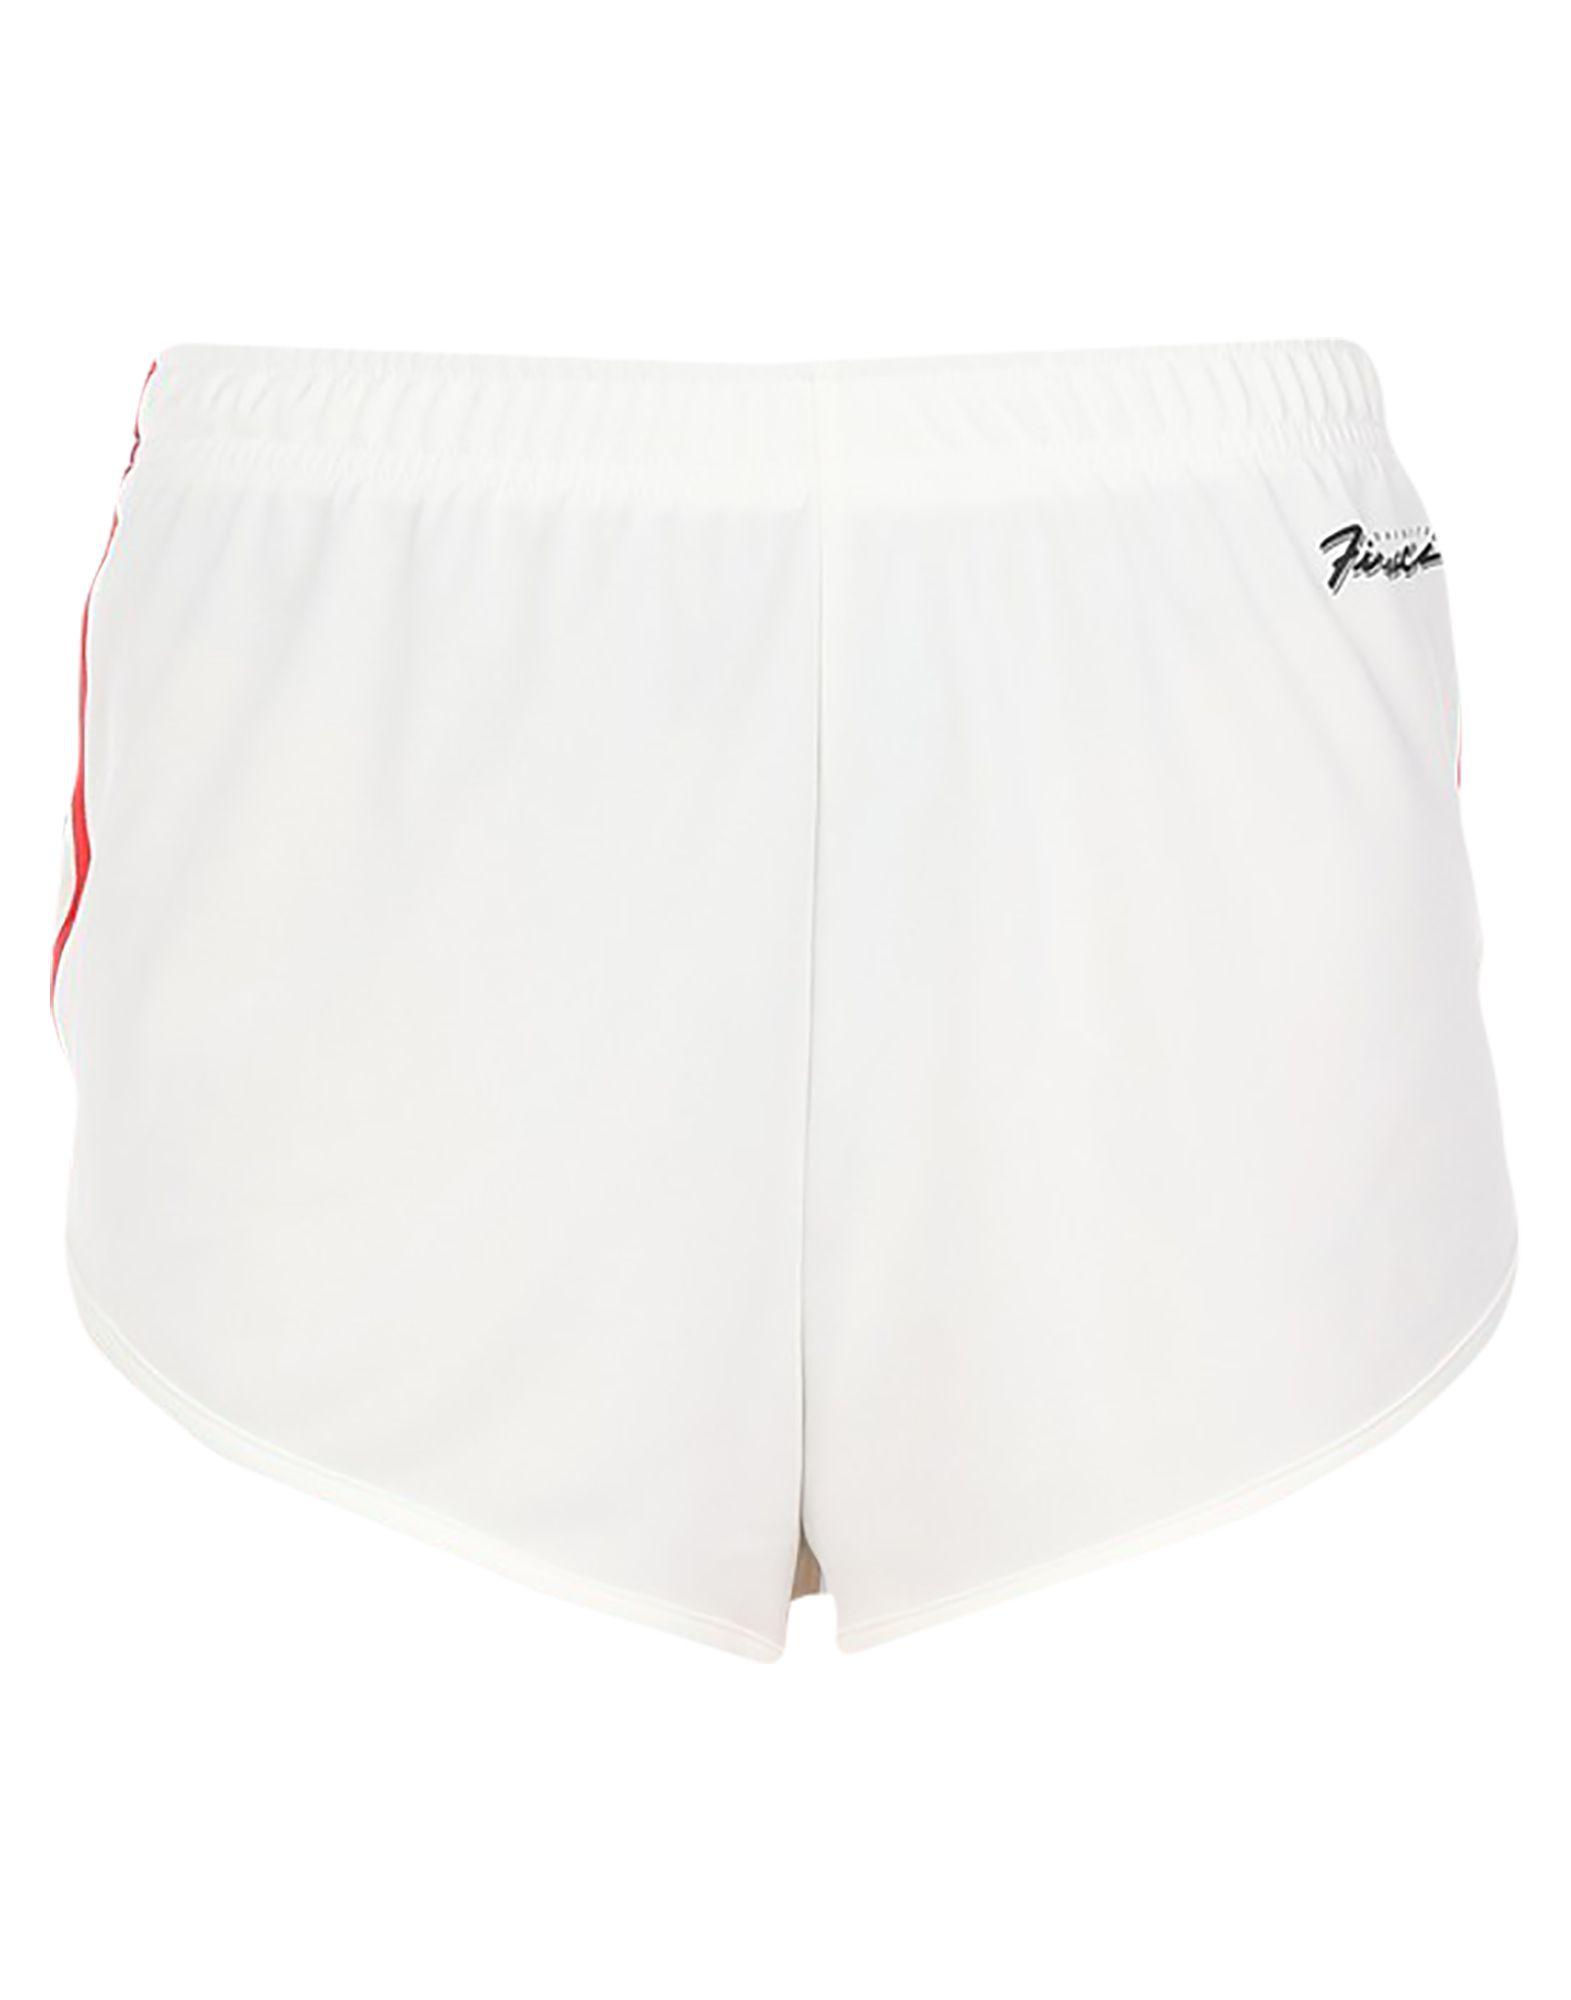 ADIDAS ORIGINALS x FIORUCCI Повседневные шорты шорты спортивные adidas originals l a shorts mesh